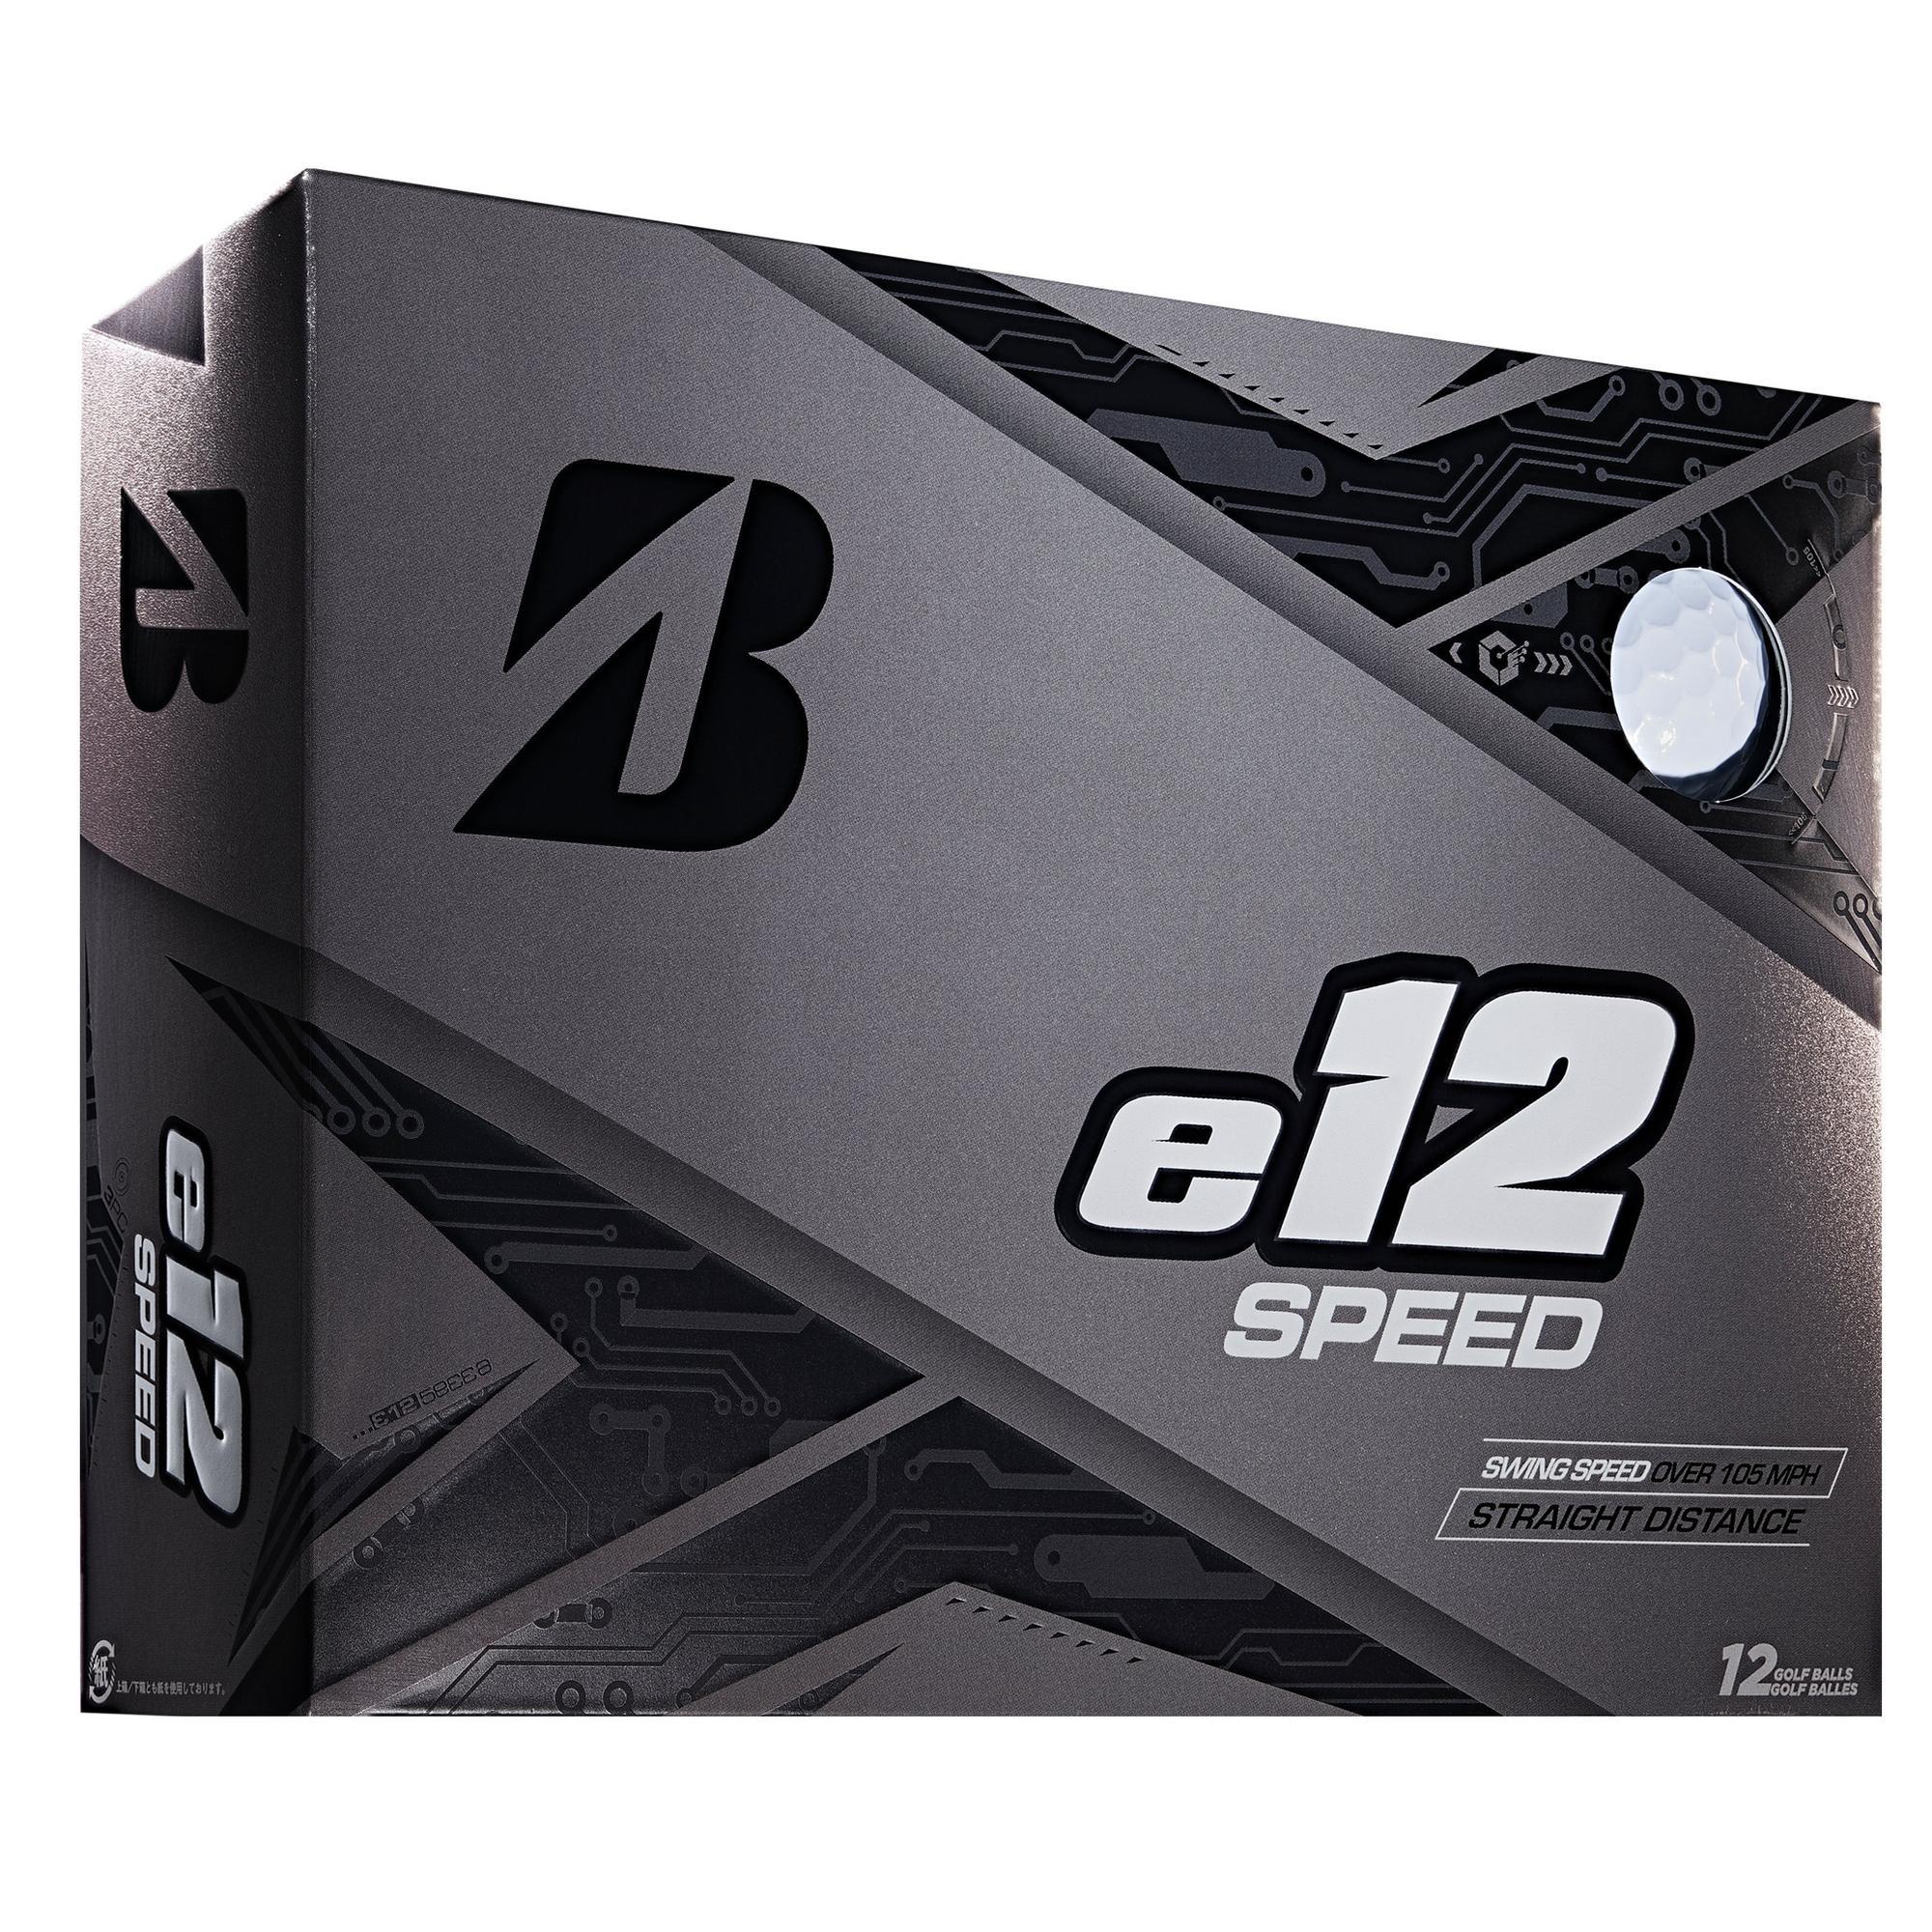 e12 Speed Golf Balls - White